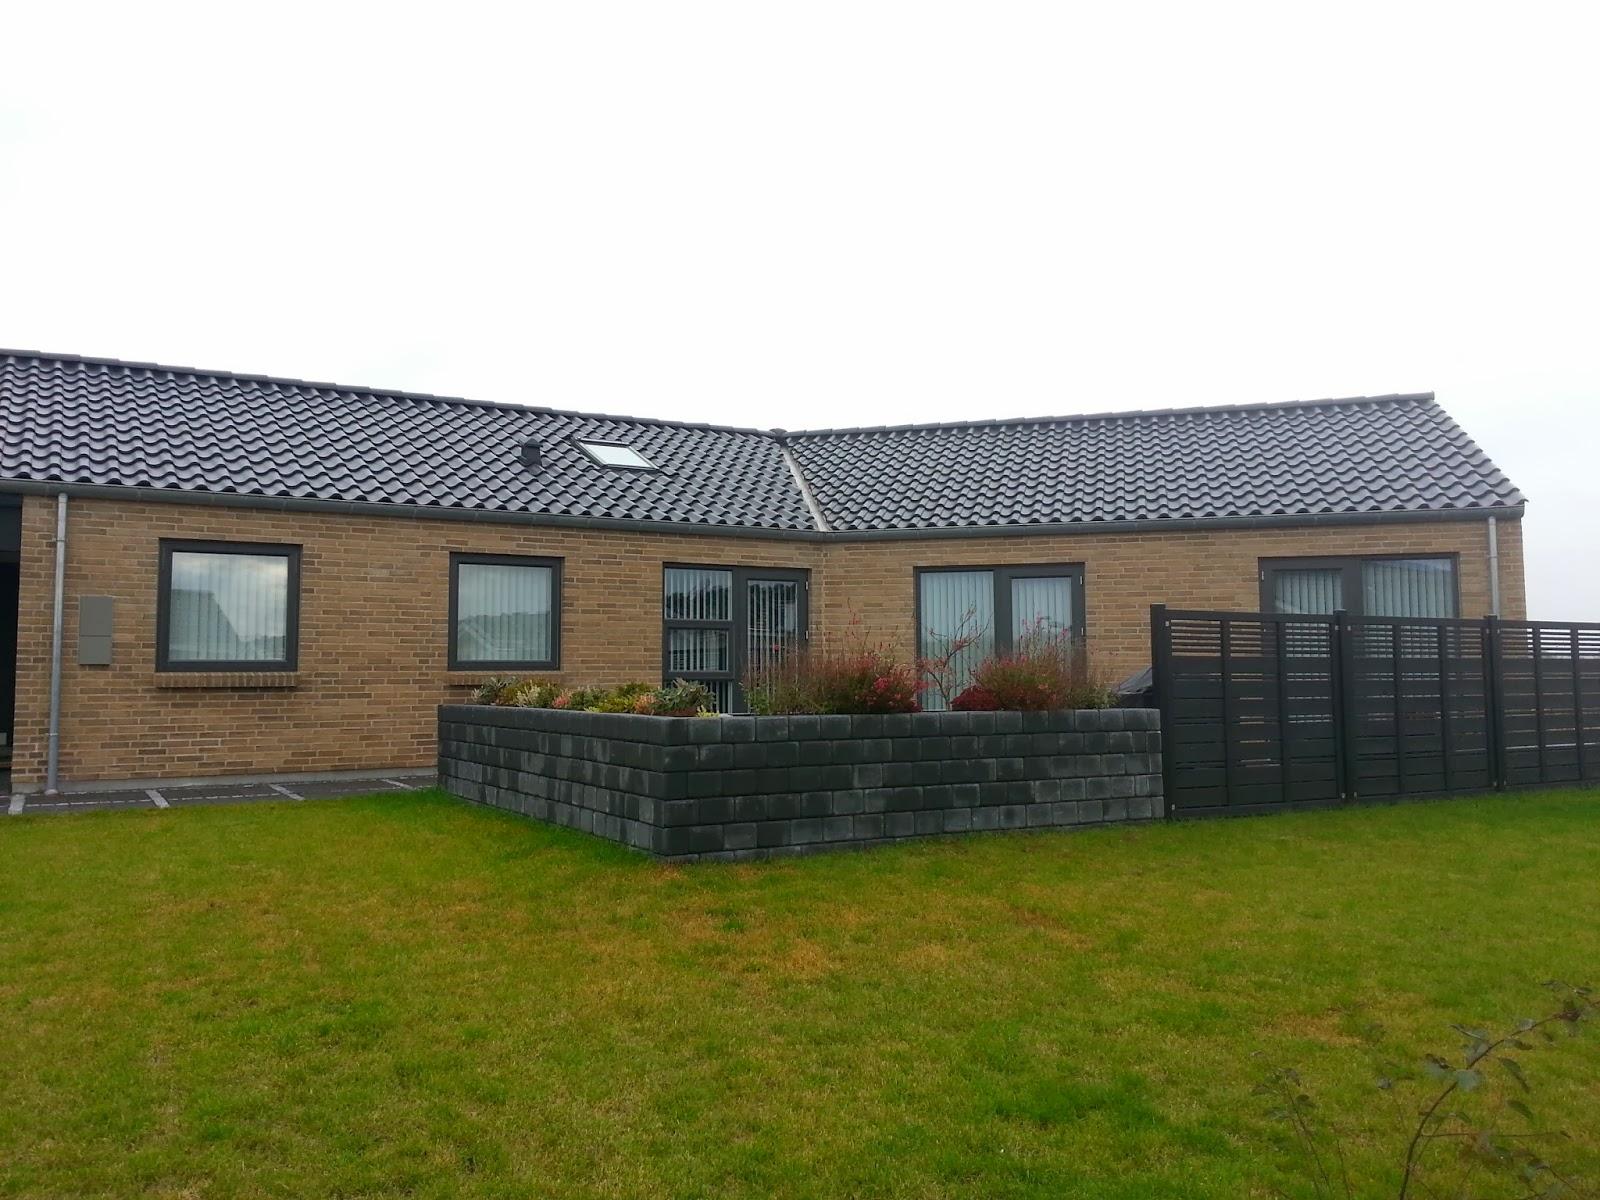 Knækhus fra Huscompagniet i Hillerød, hvor byggefirmaet har mange udstillingshuse. Dette er dog ikke et udstillingshus.